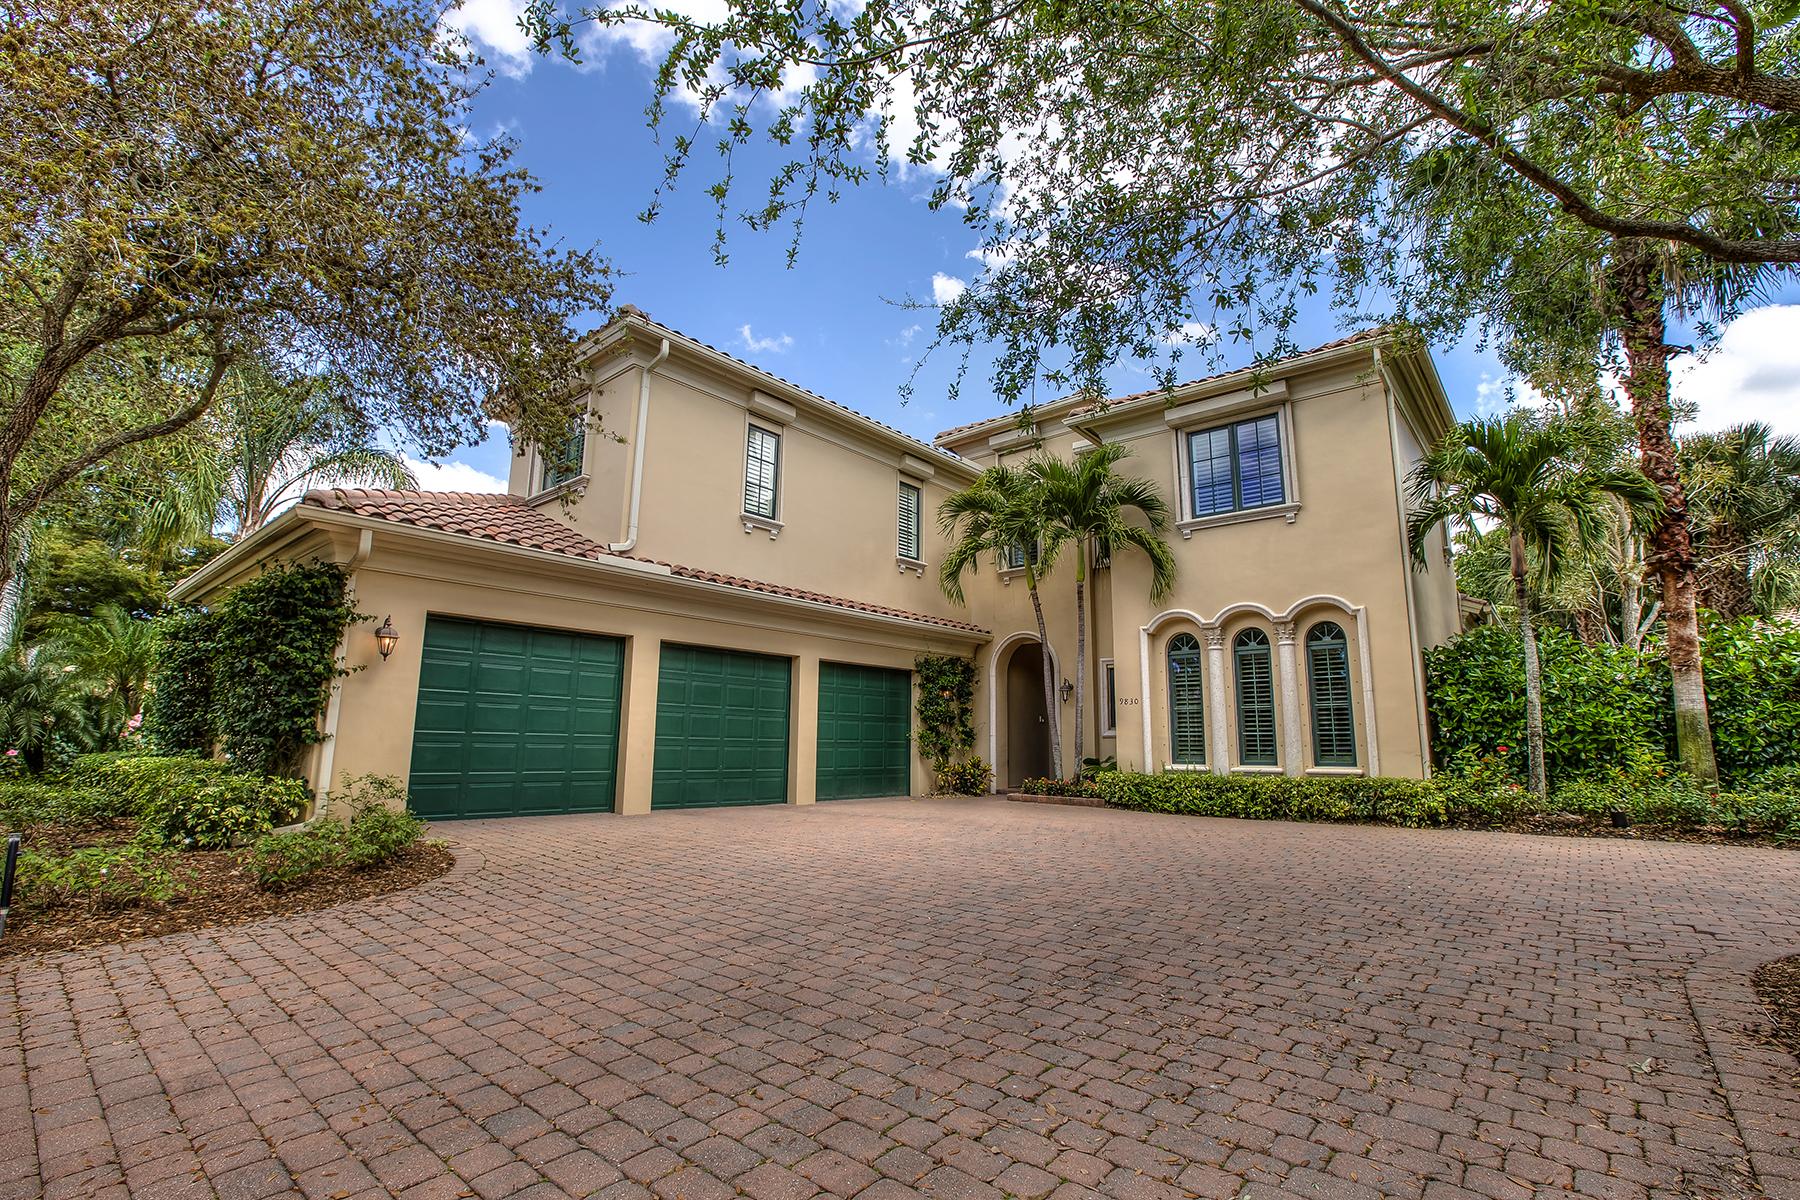 独户住宅 为 销售 在 SWEET BAY 9830 Bay Meadow 埃斯特罗, 佛罗里达州 34135 美国